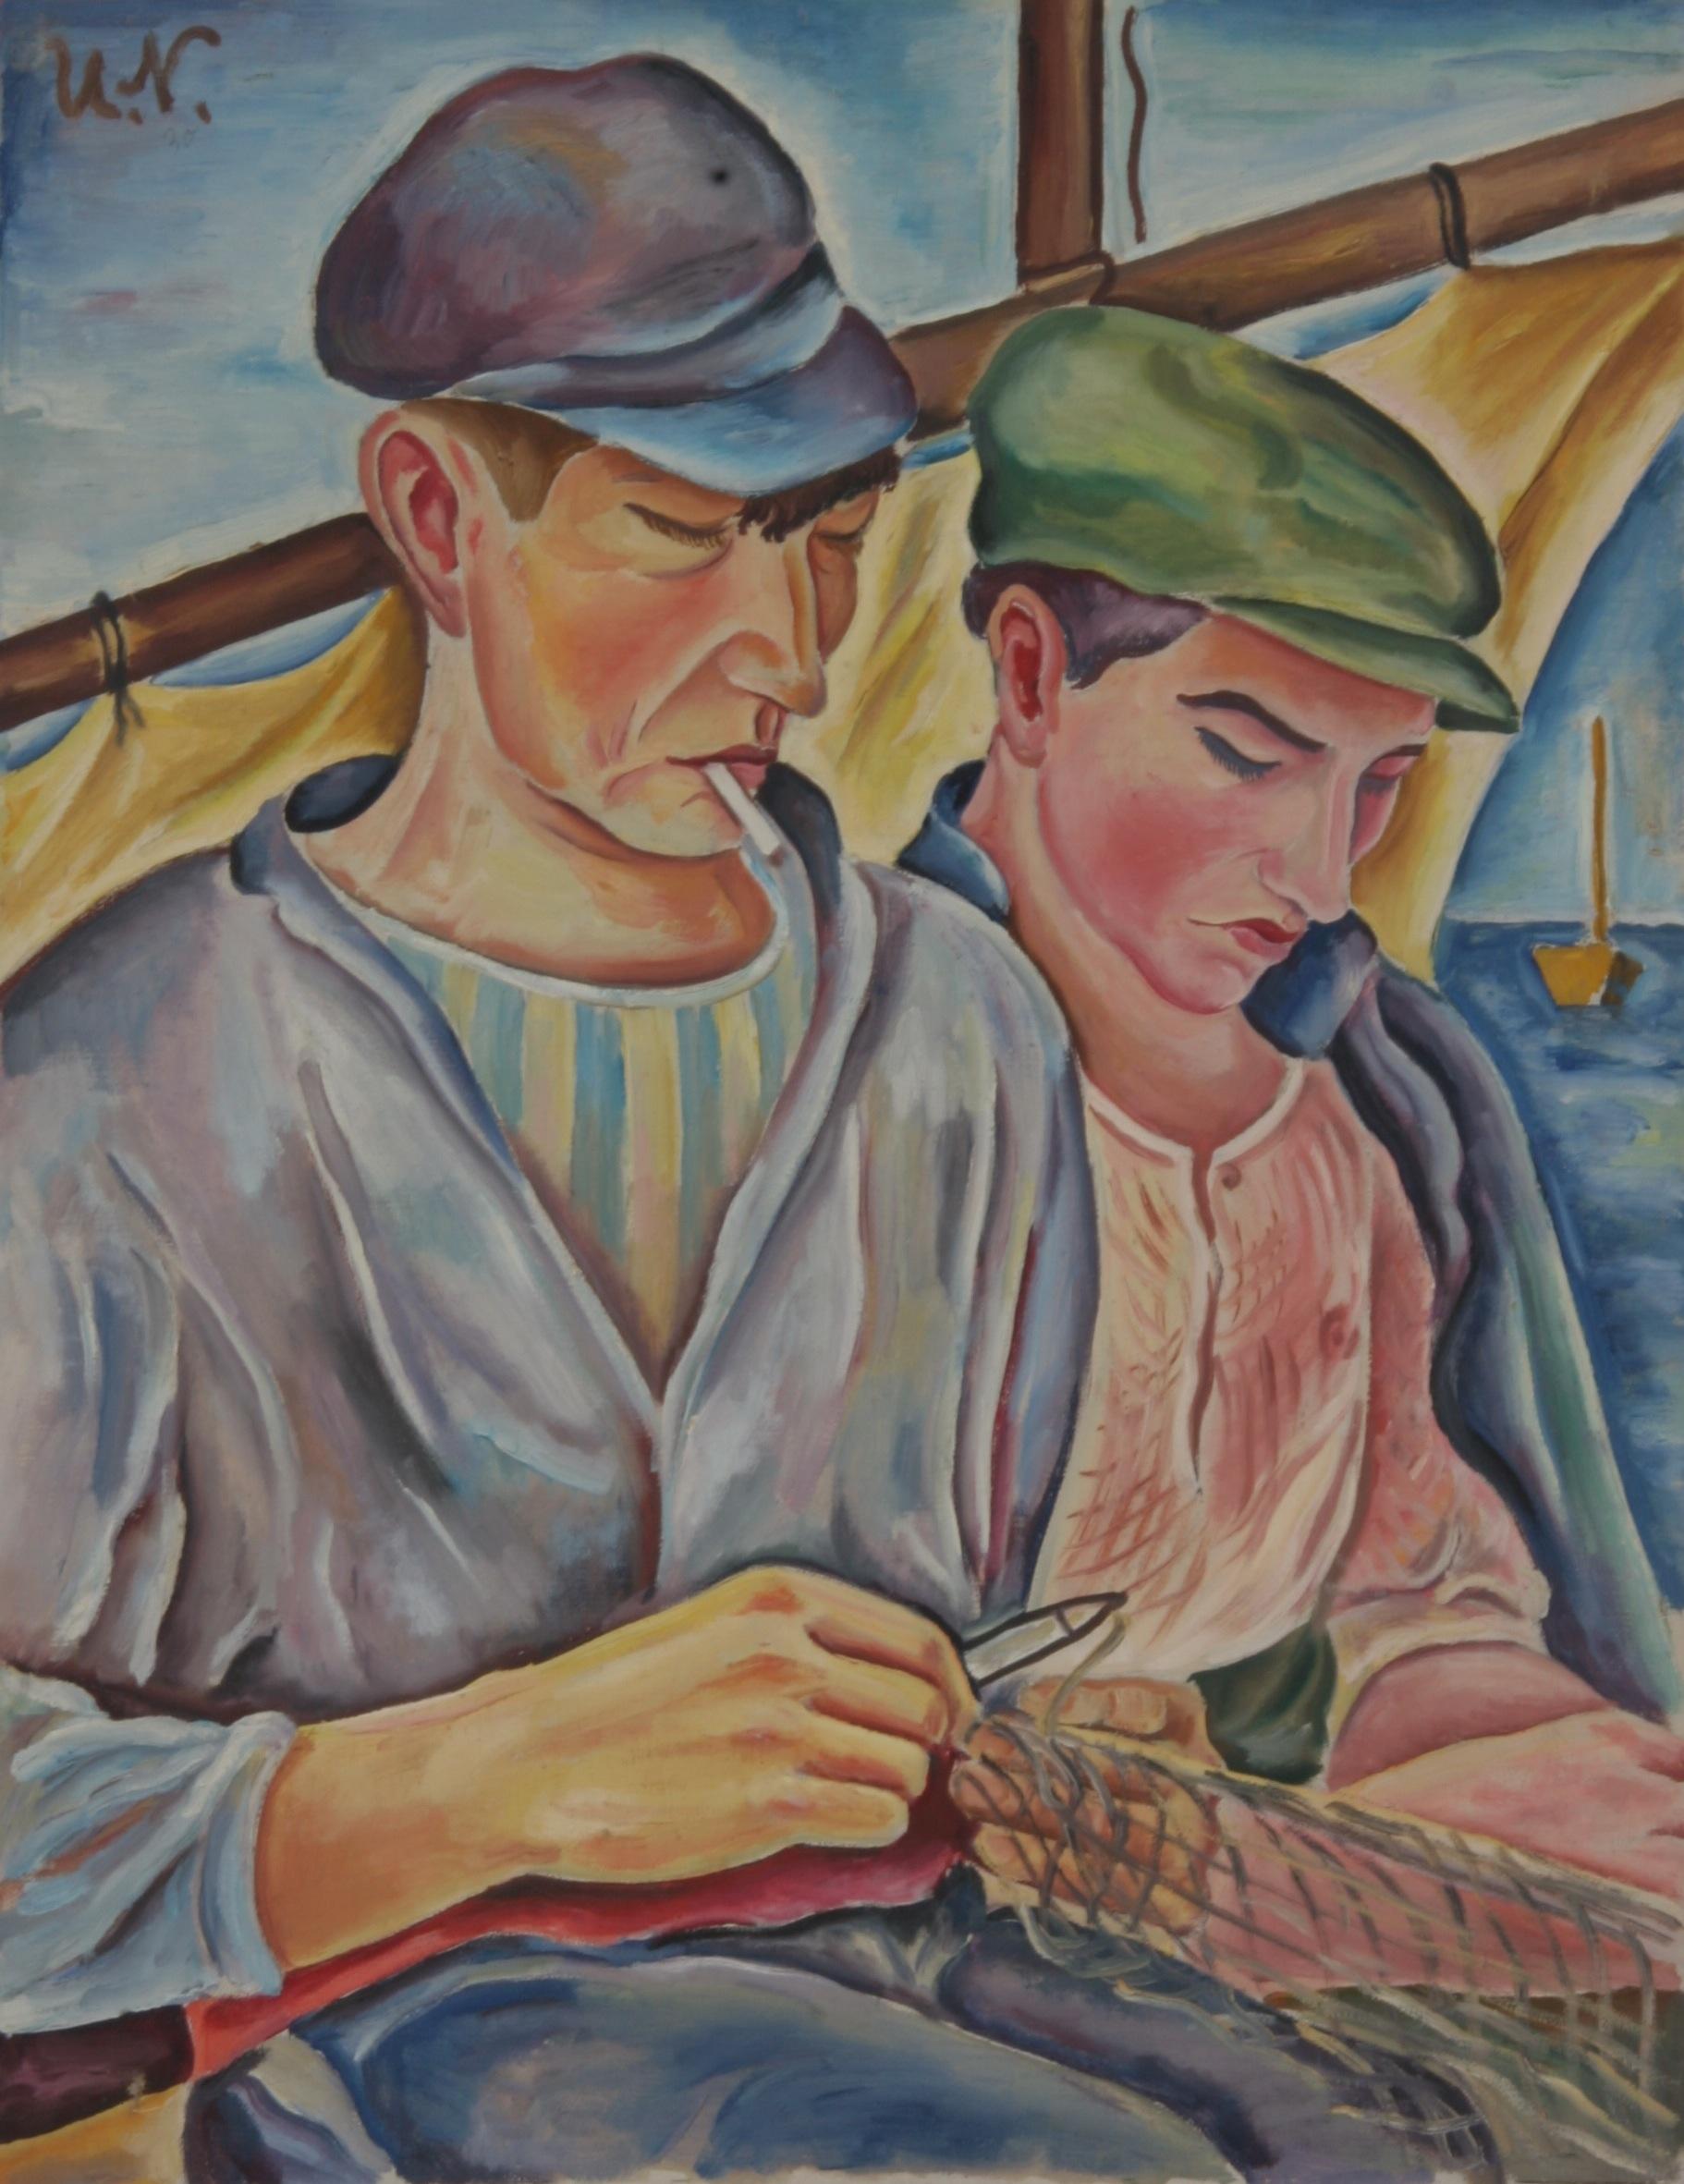 Zwei Fischer im Boot mit Netz, 1930, Öl auf Leinen, 50 x 65 cm